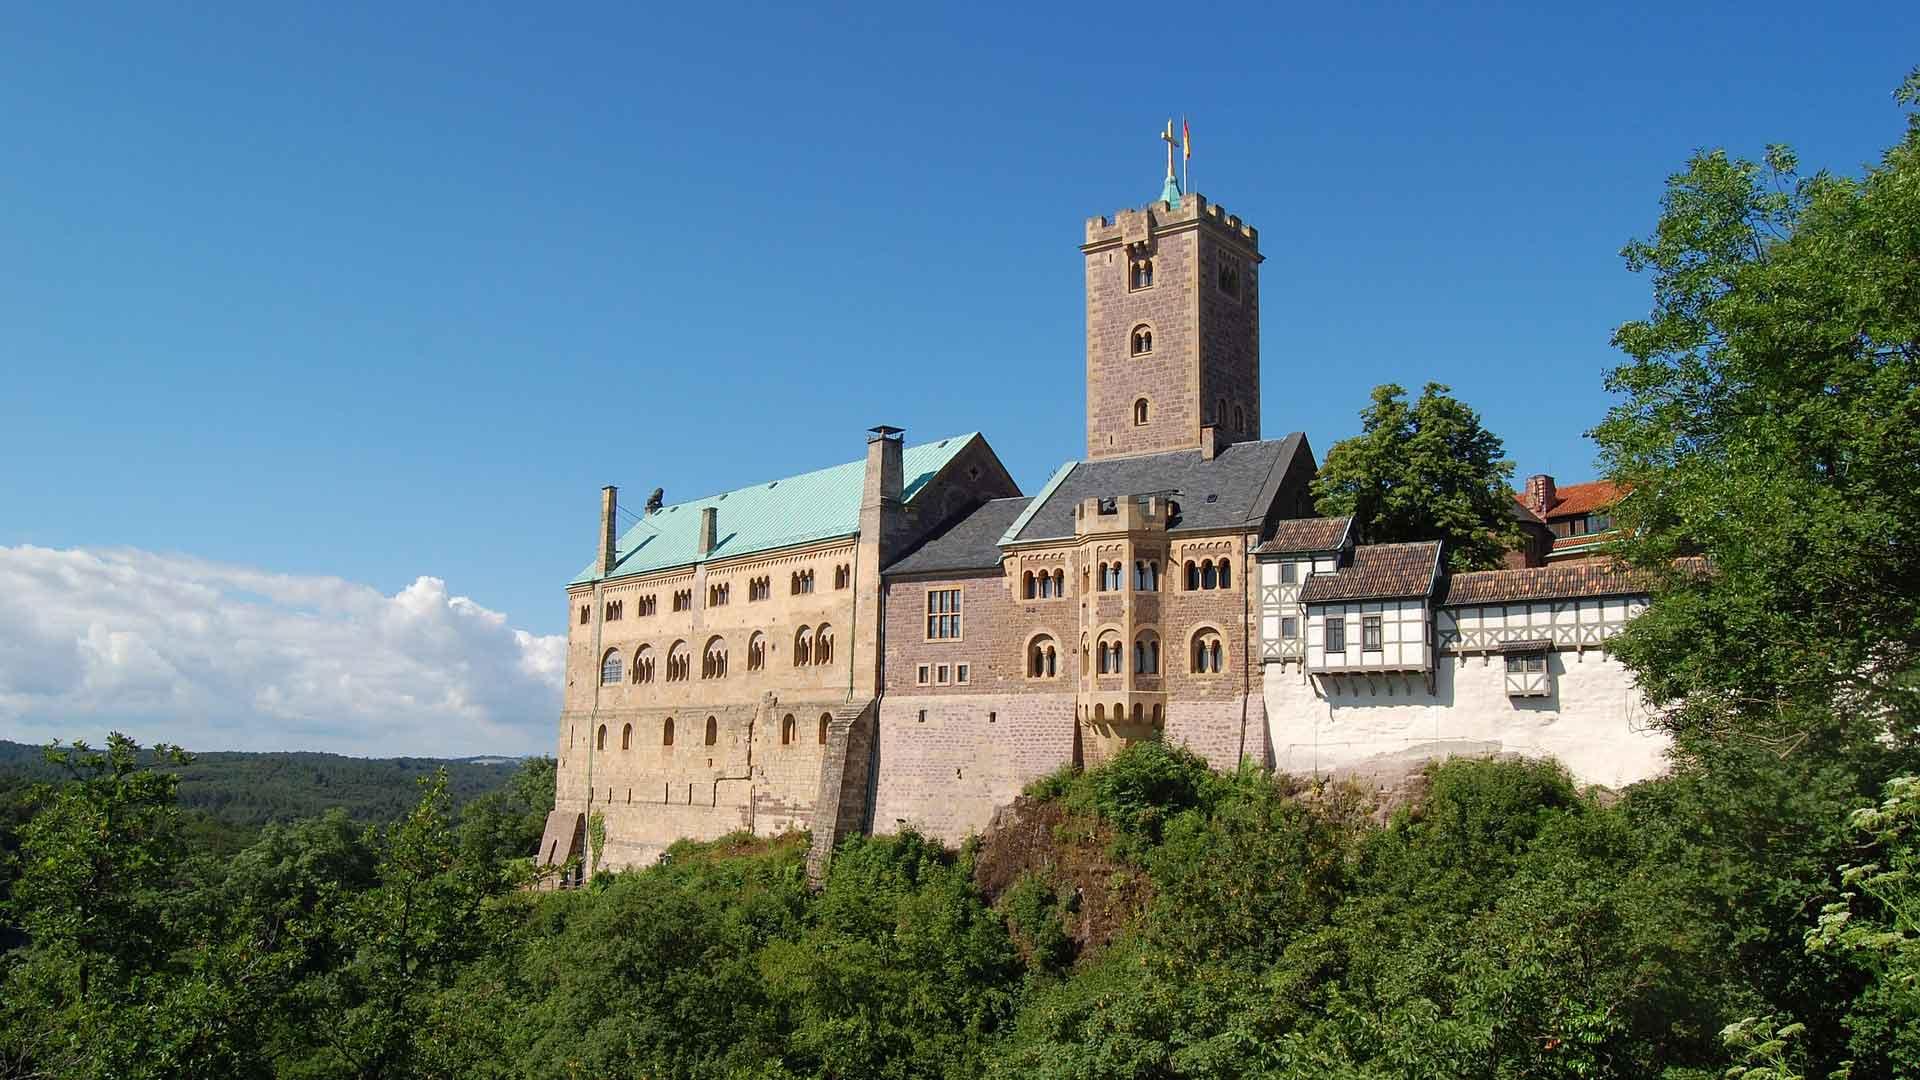 Op de Wartburg in Eisenach vertaalde Luther het Nieuwe Testament in het Duits.